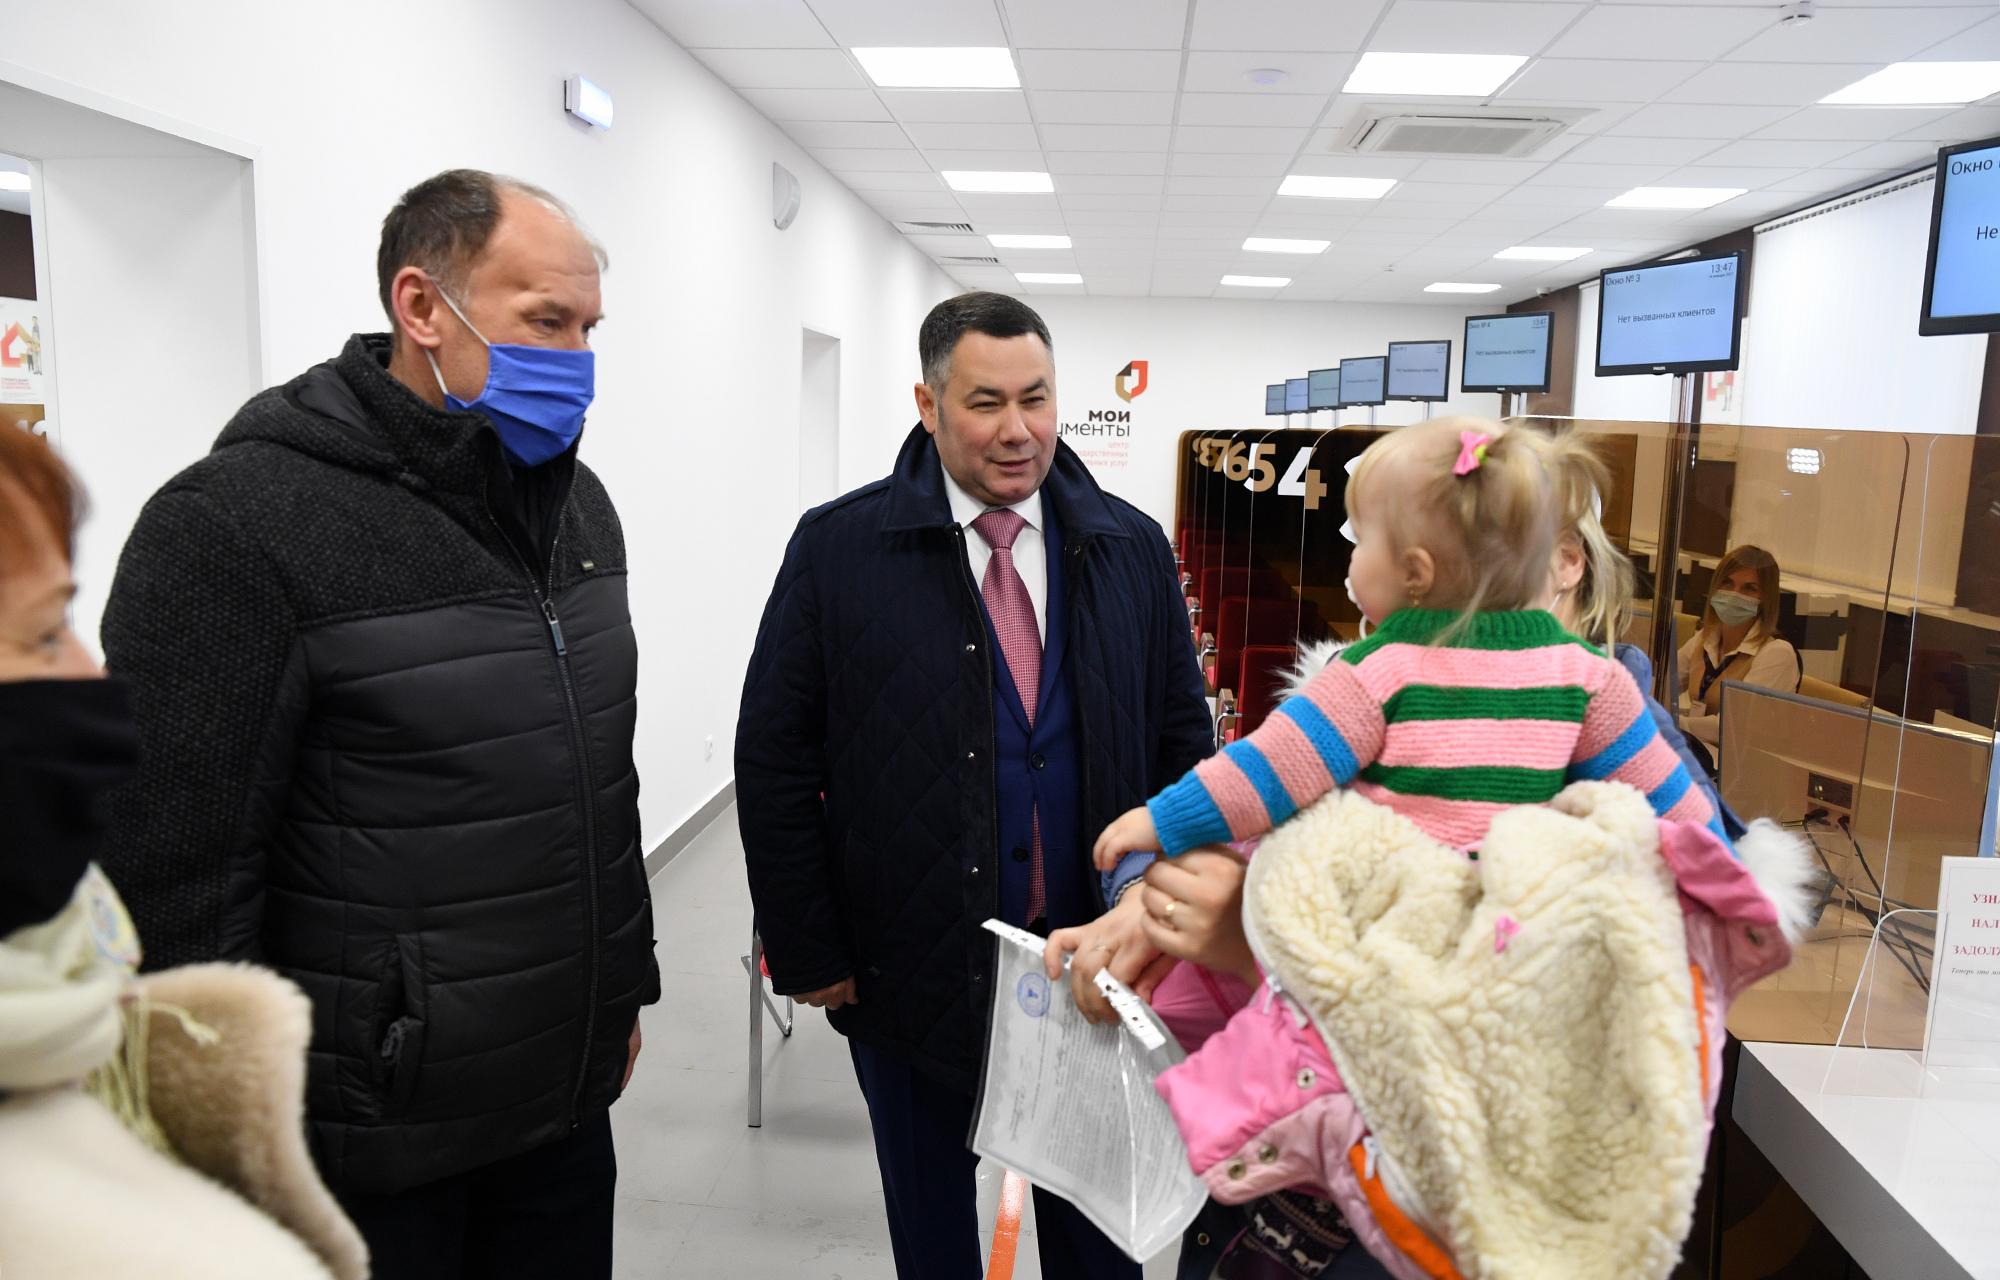 Игорь Руденя посетил новое помещение филиала МФЦ в Вышнем Волочке